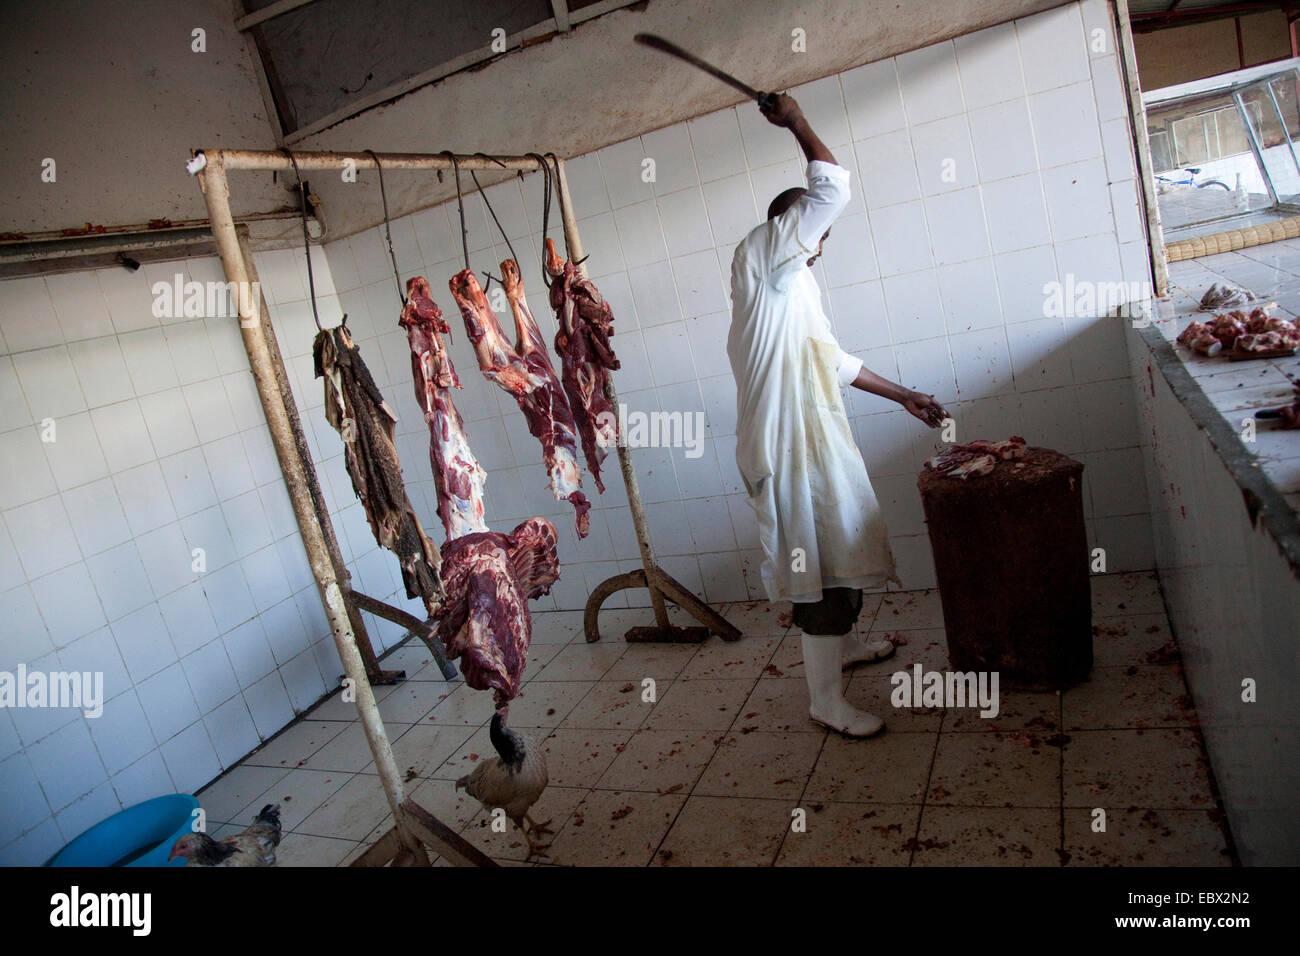 Butcher il taglio di carne su un tronco di legno, Ruanda, Nyamirambo, Kigali Immagini Stock